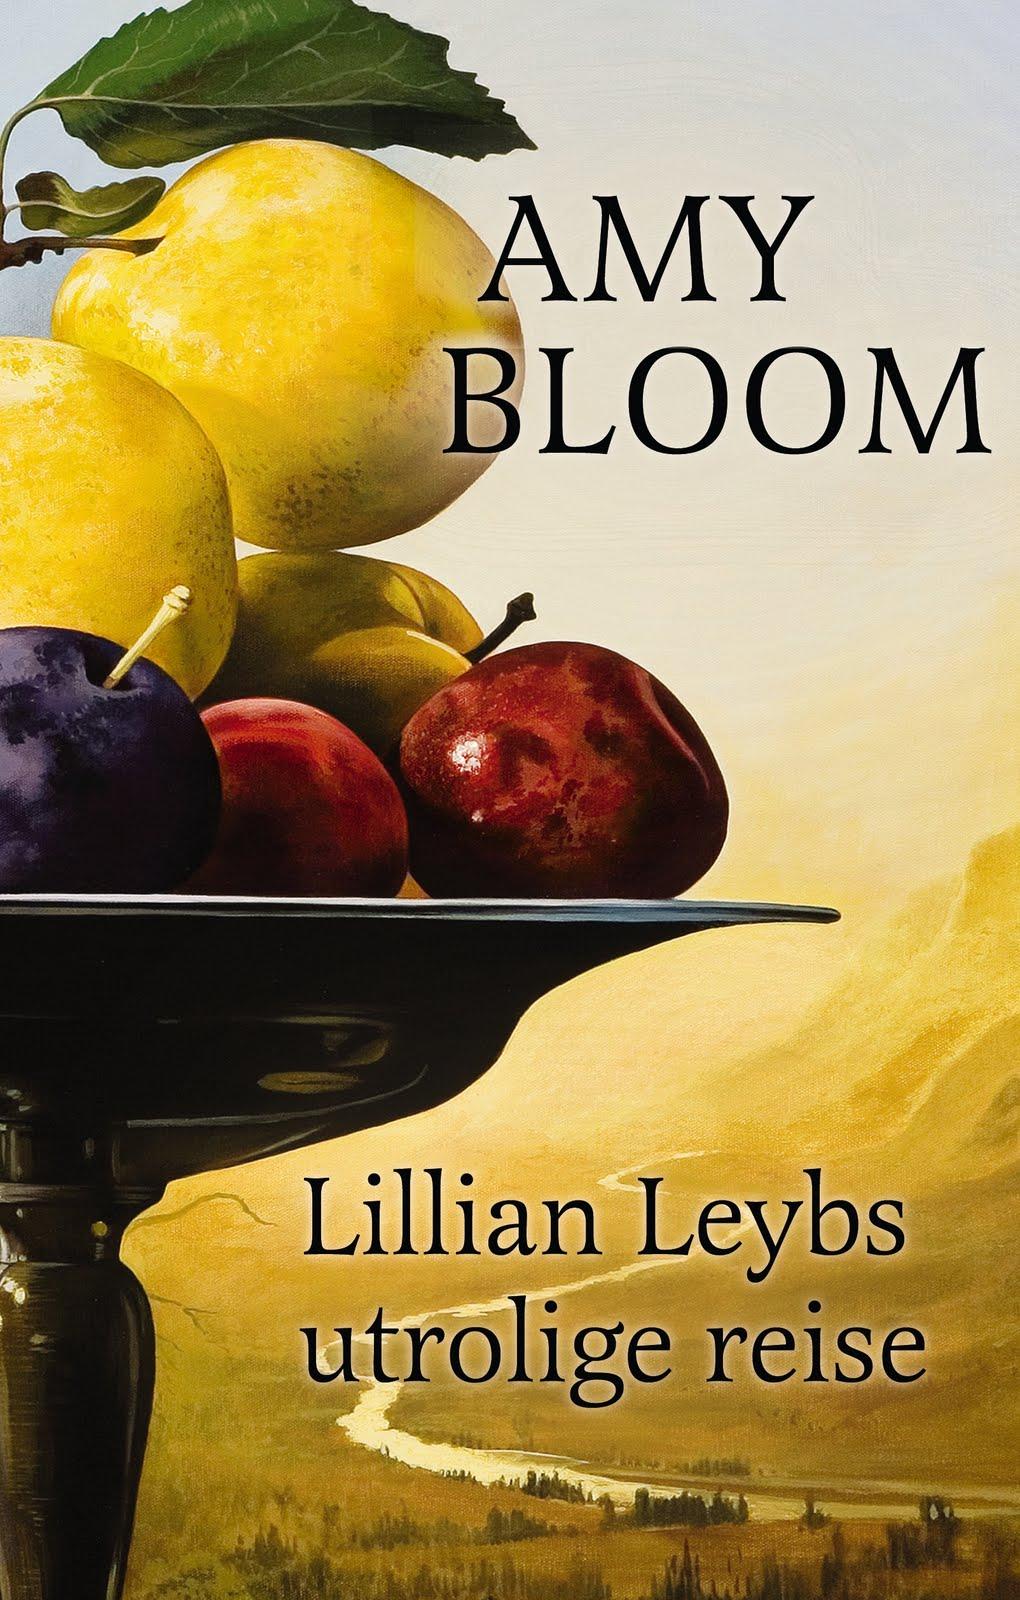 [Lillian+Leybs]